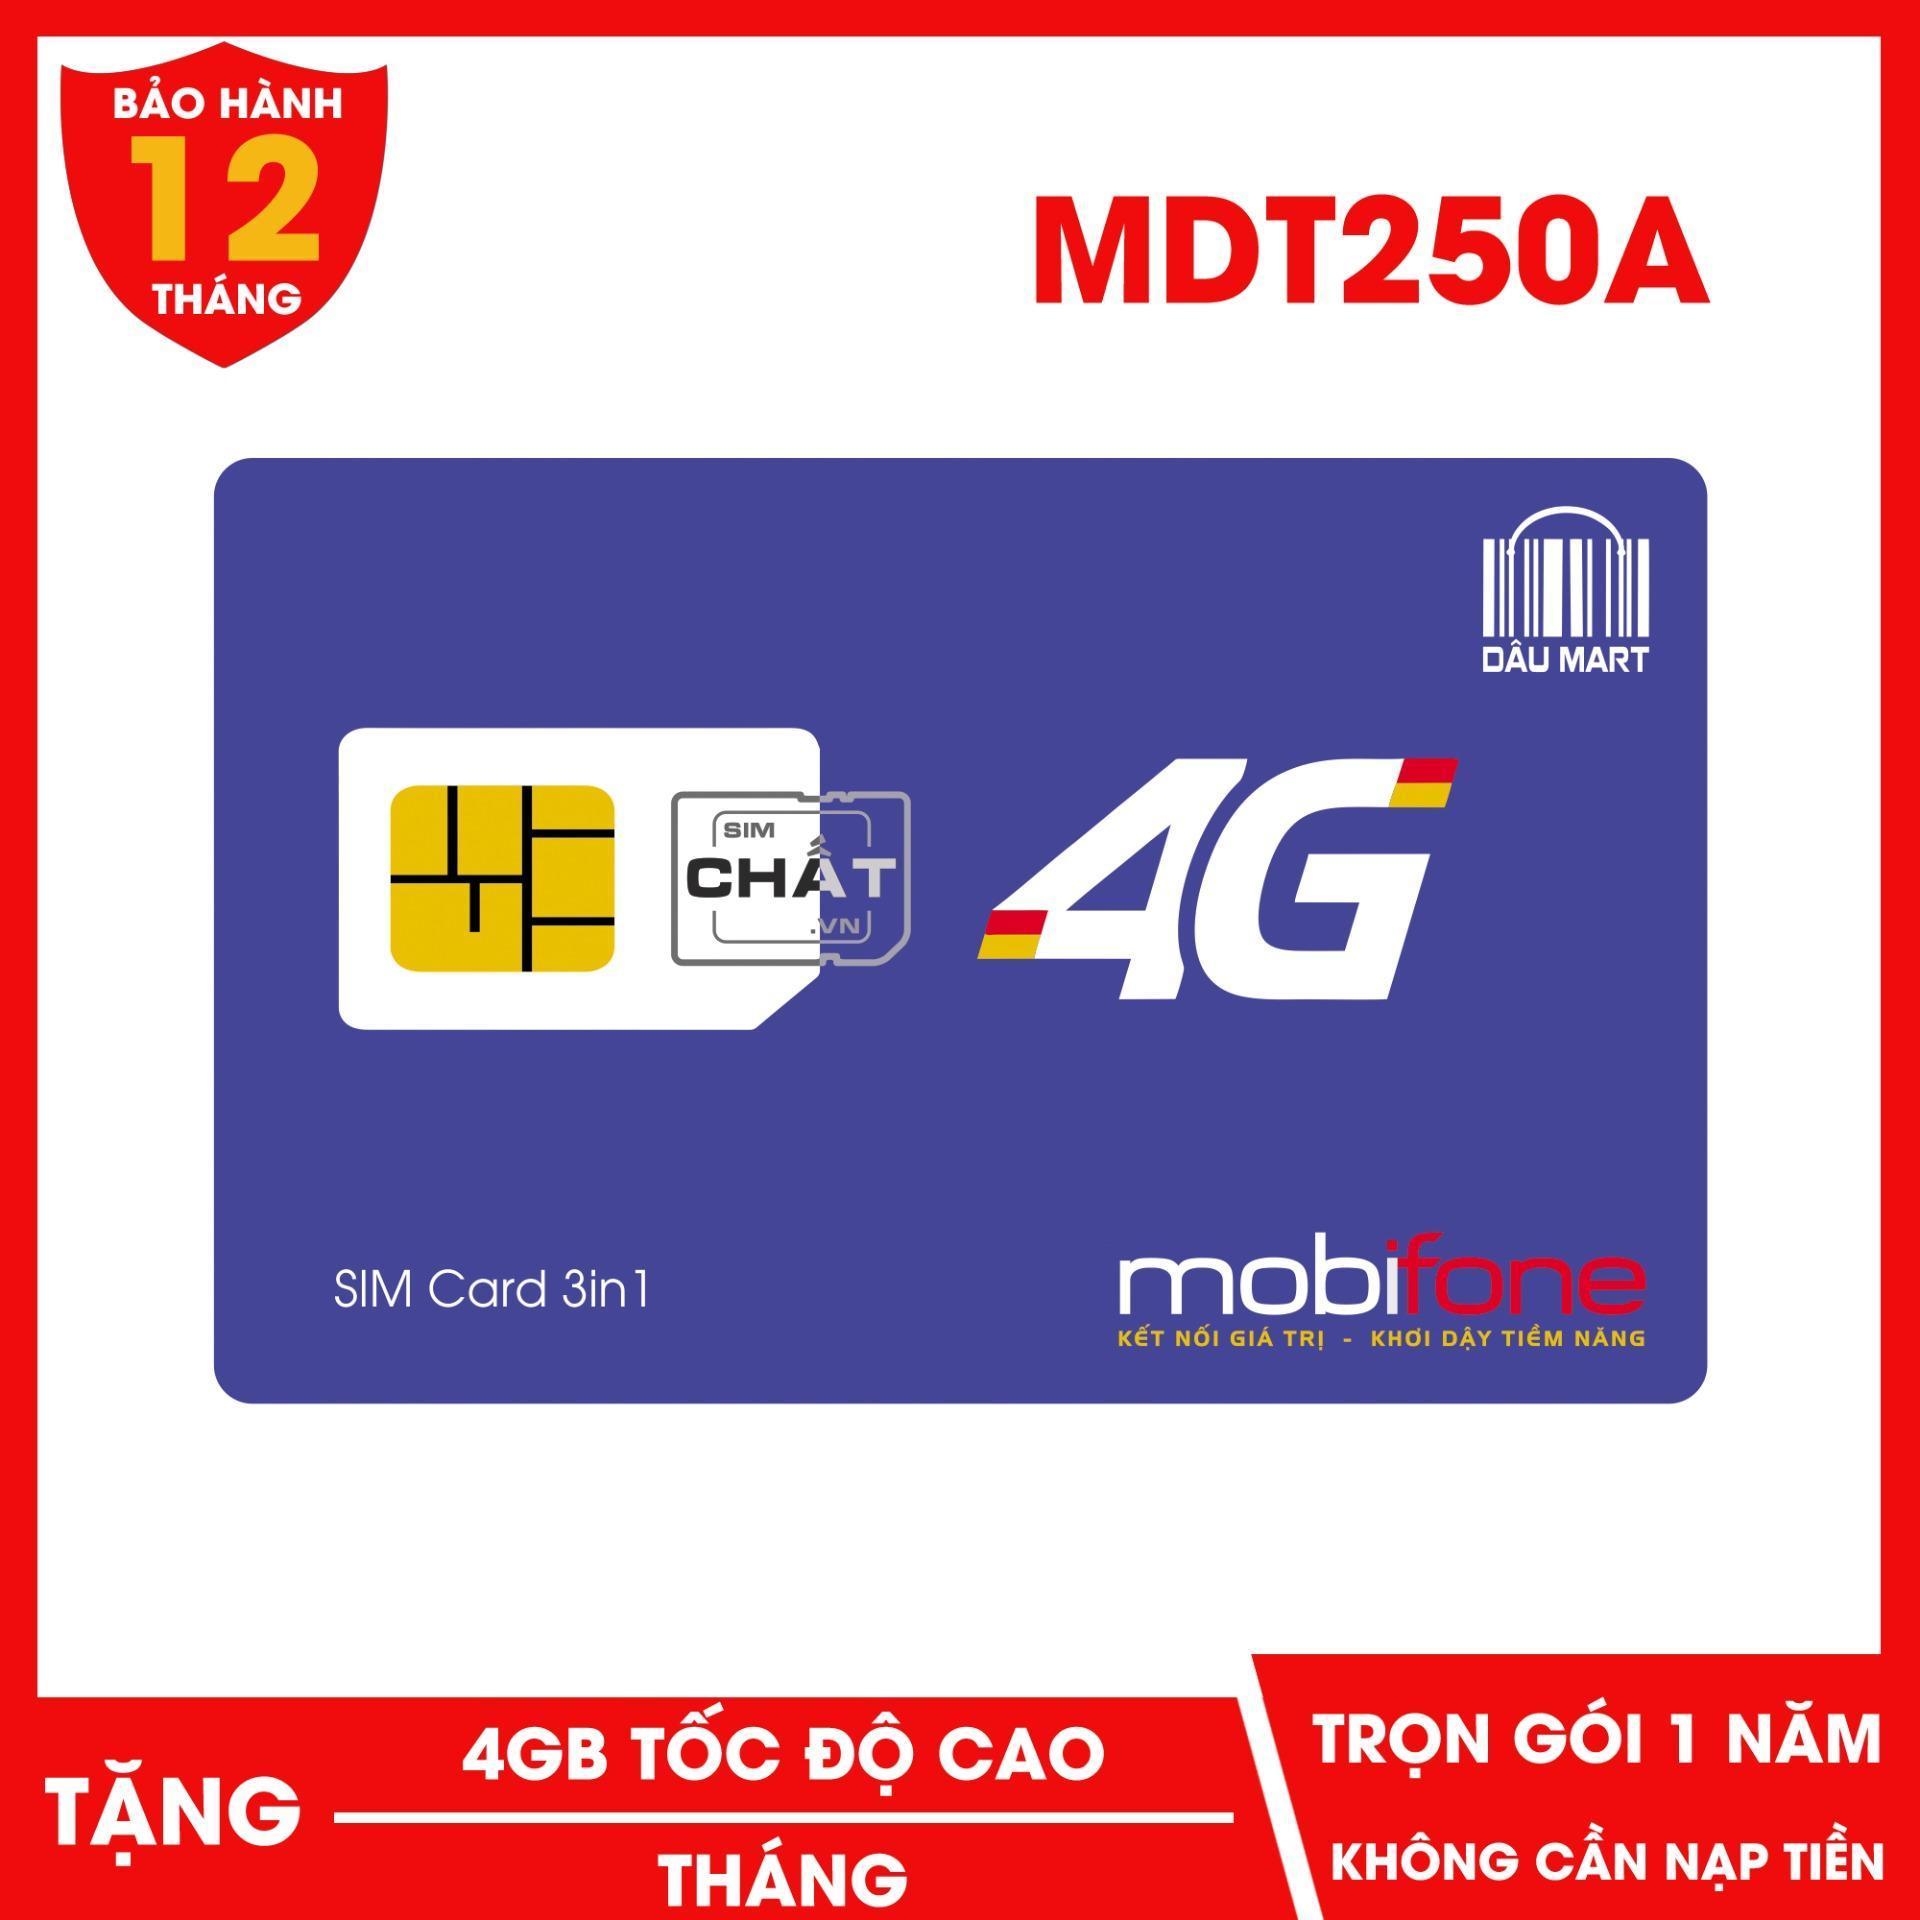 Giá Sim 4G Mobifone MDT250A Miễn Phí 1 Năm Không Cần Nạp Tiền